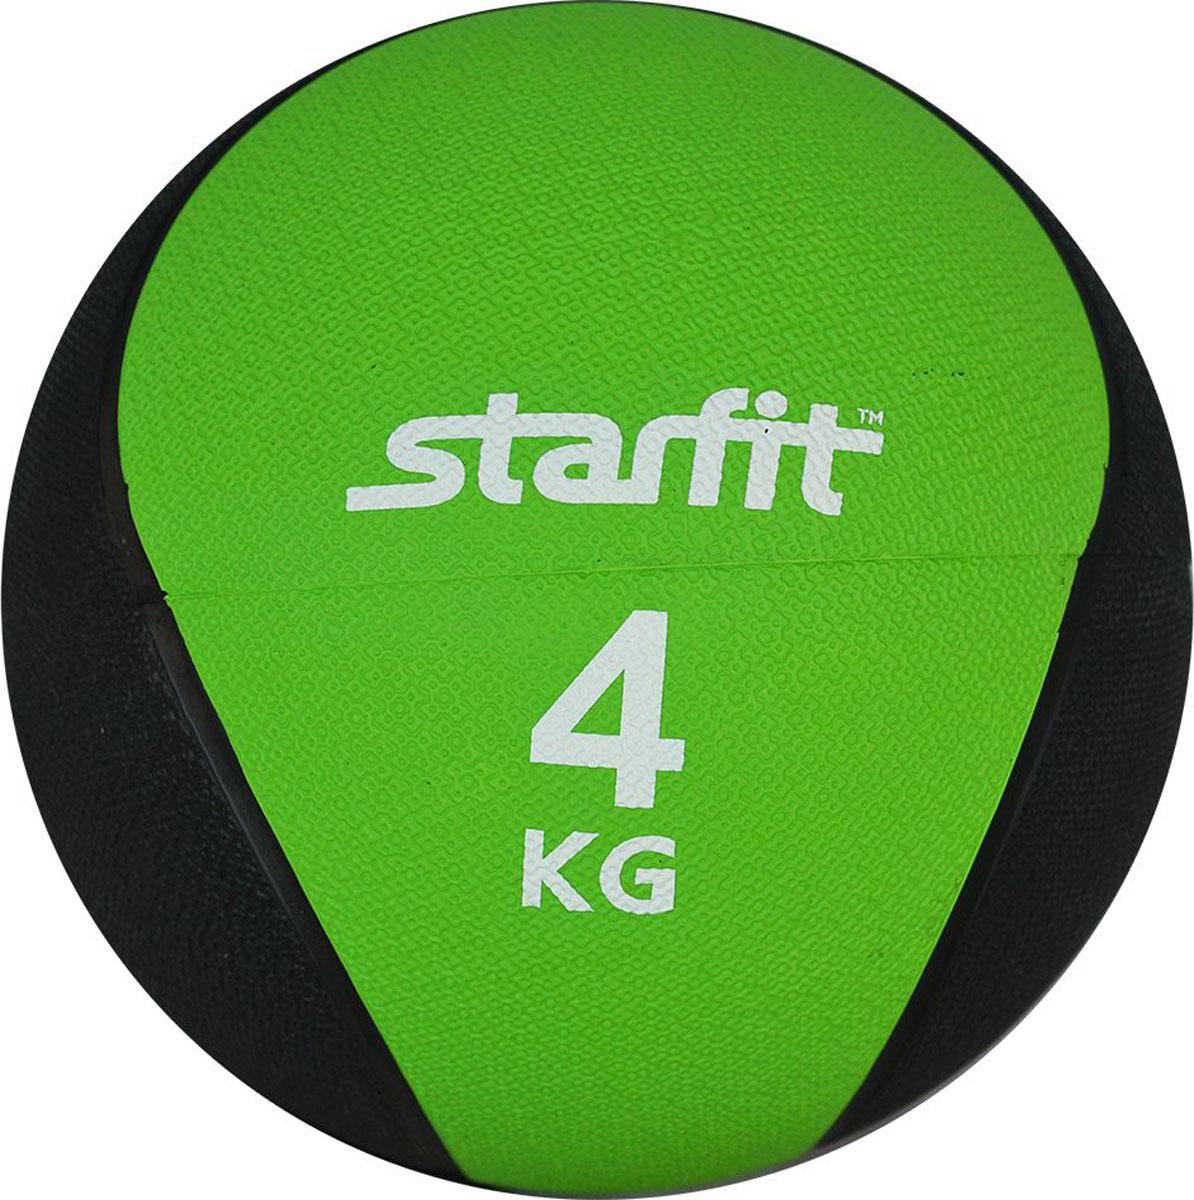 Медицинбол Starfit Pro GB-702, цвет: зеленый, 4 кг купить паяльную станцию lukey 702 в украине